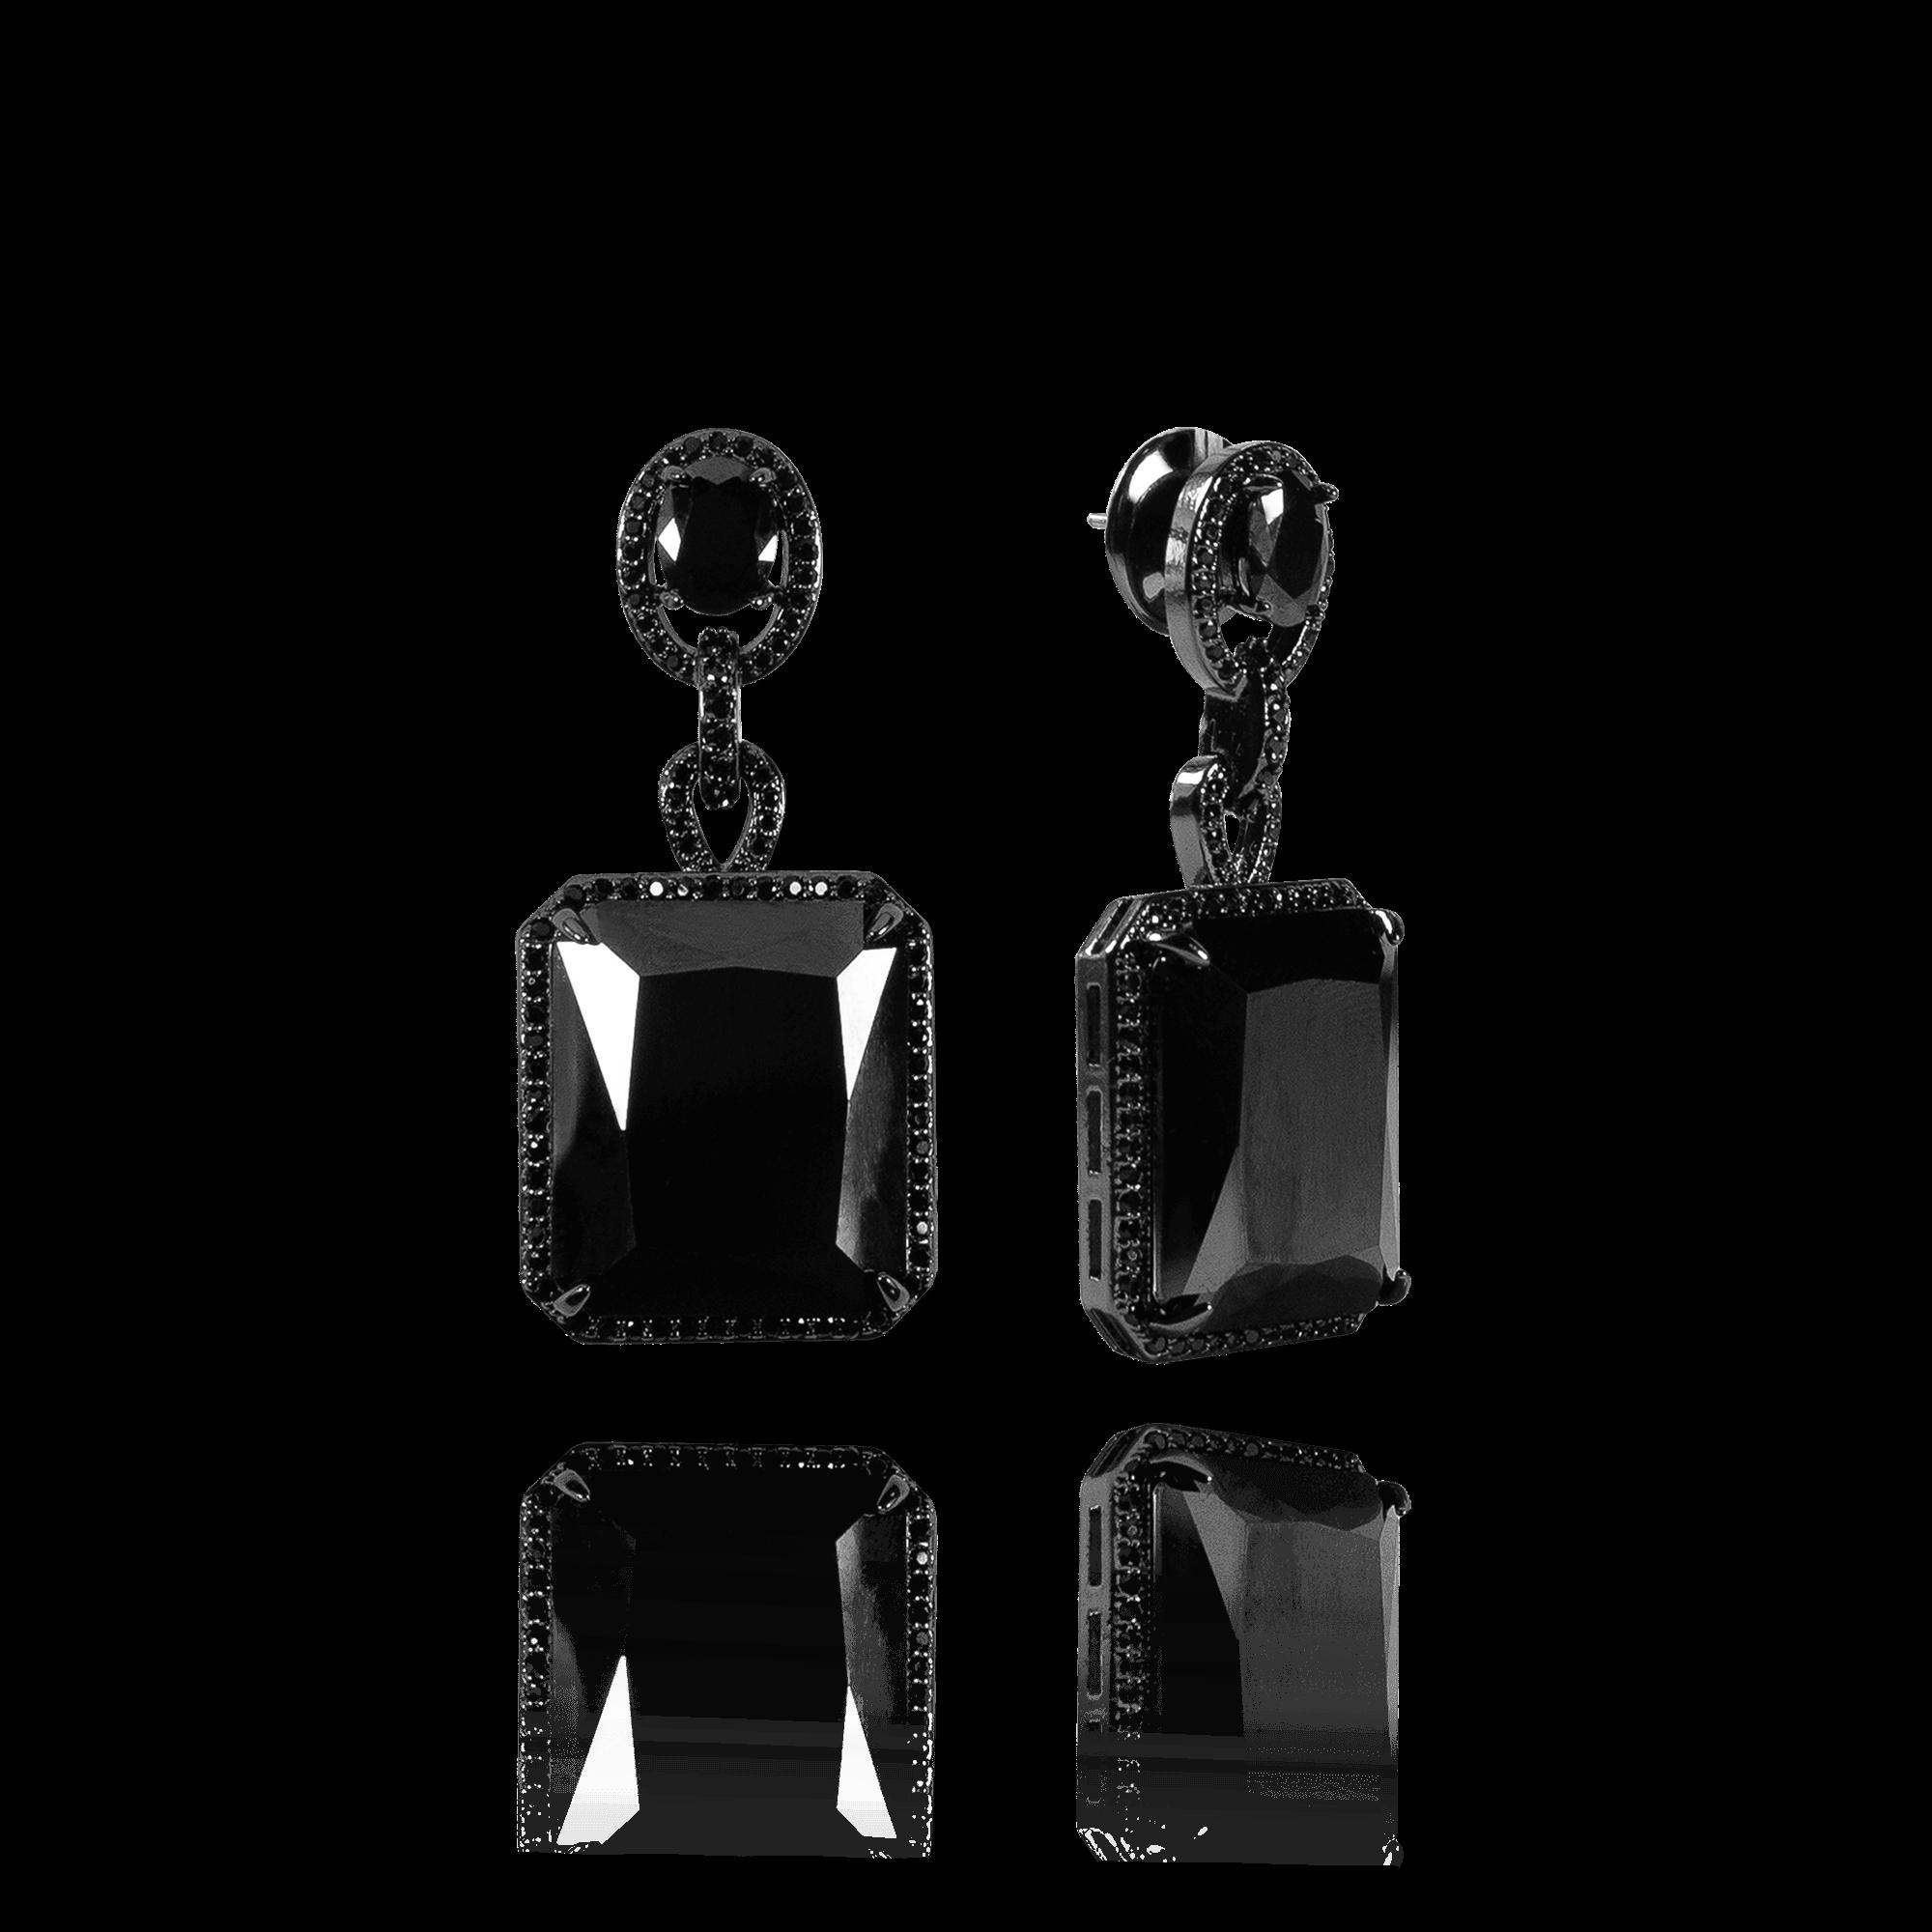 Brinco Cristal Negro com Zircônias